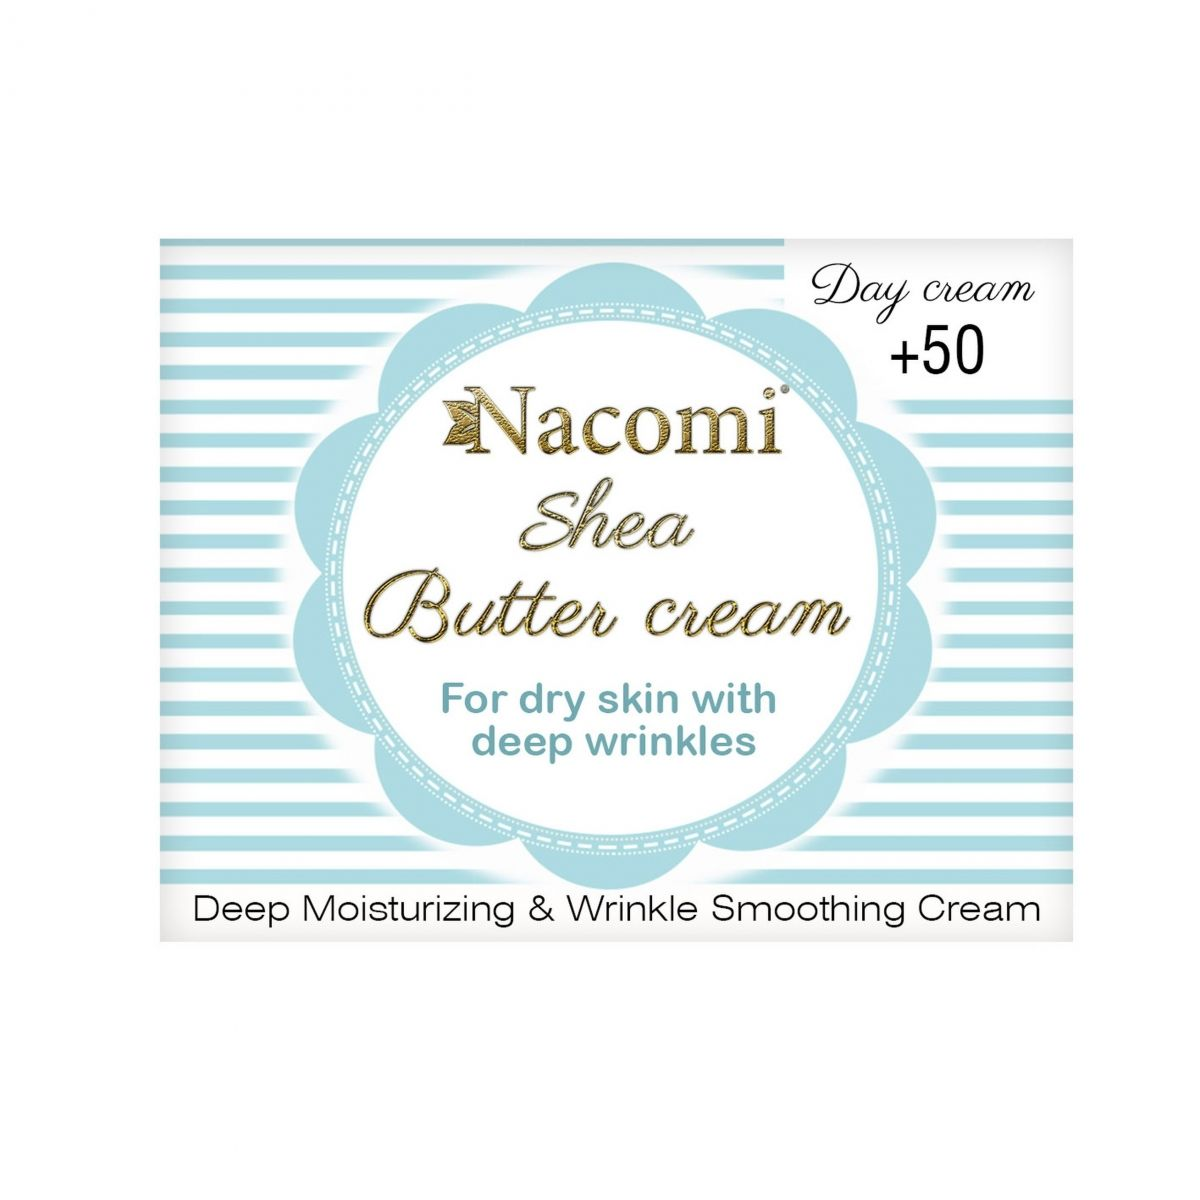 Przeciwzmarszczkowy krem do twarzy z masłem Shea i kwasem hialuronowym na dzień 50+ - 50ml - Nacomi